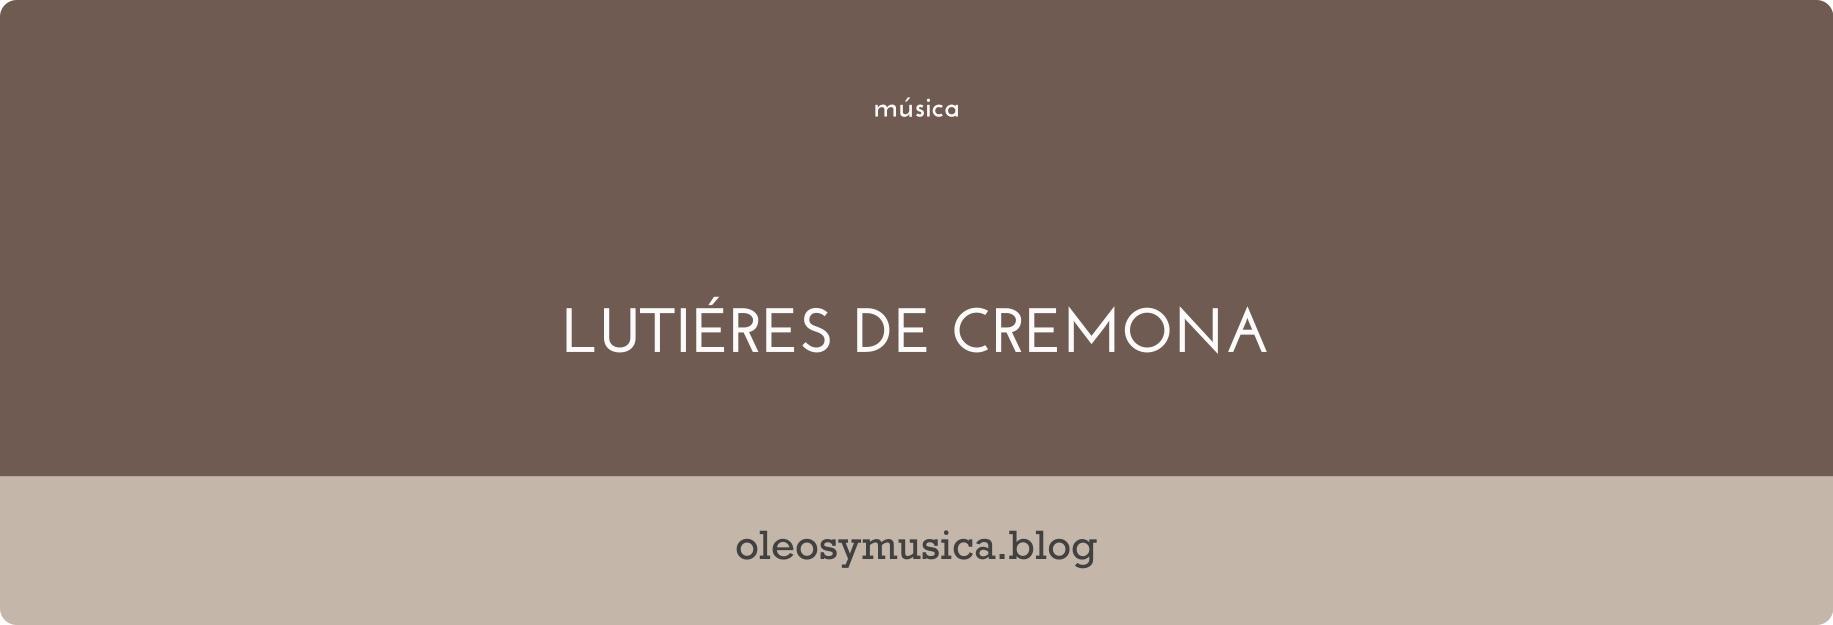 Cremona - oleos y musica